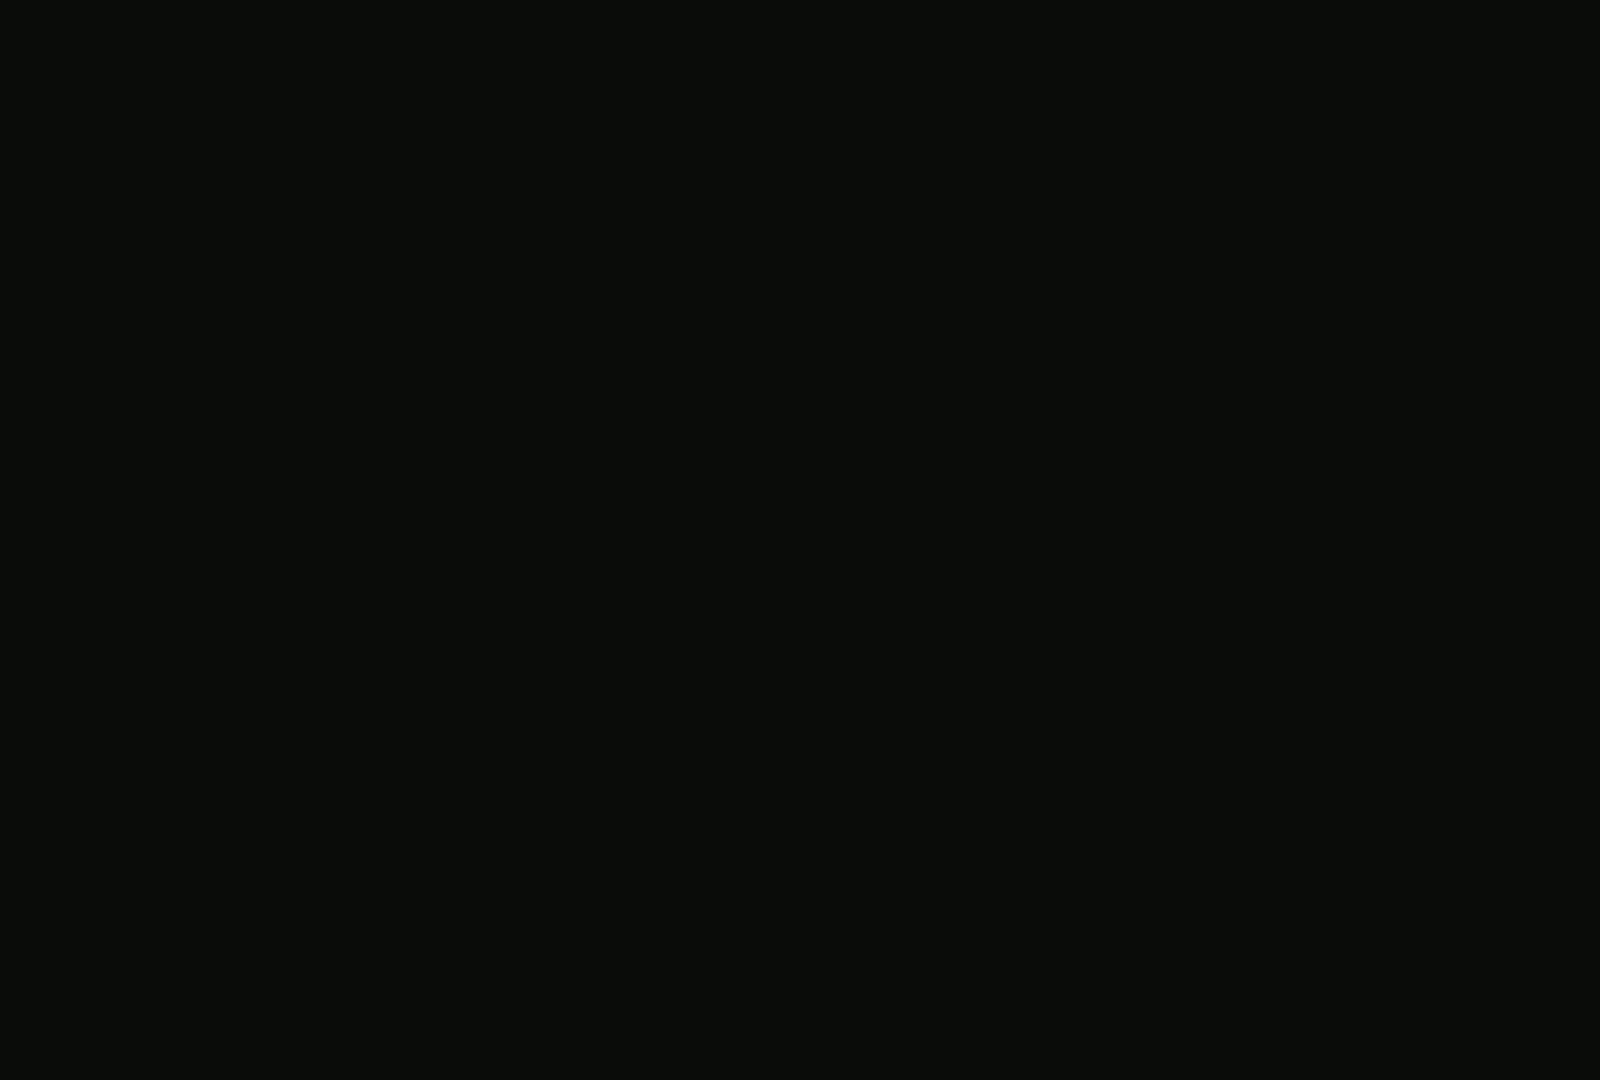 充血監督の深夜の運動会Vol.92 おまんこ無修正 のぞき動画キャプチャ 82画像 20